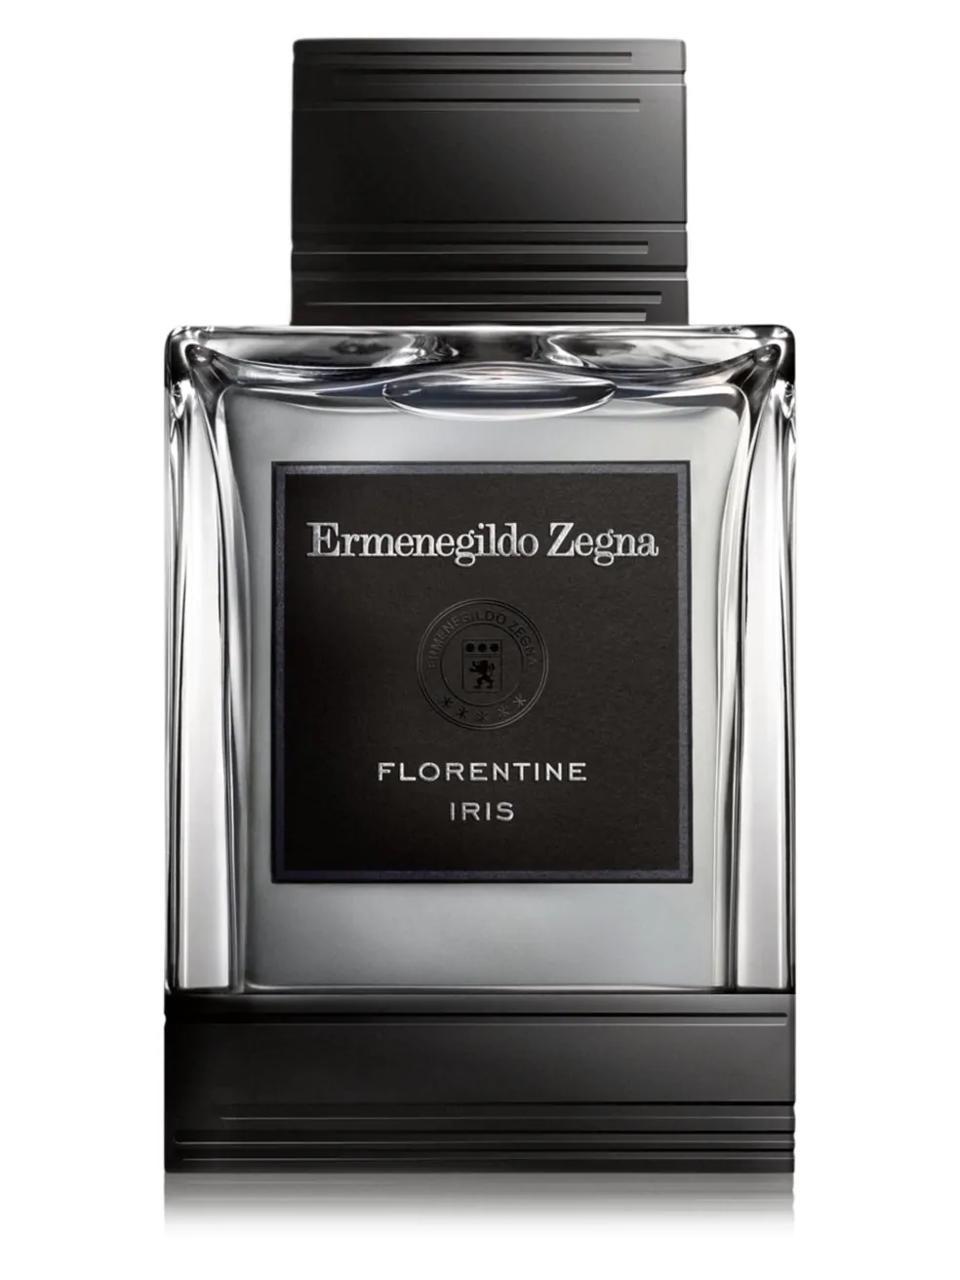 Ermenegildo Zegna Florentine Iris Eau de Toilette (3.4 oz.)